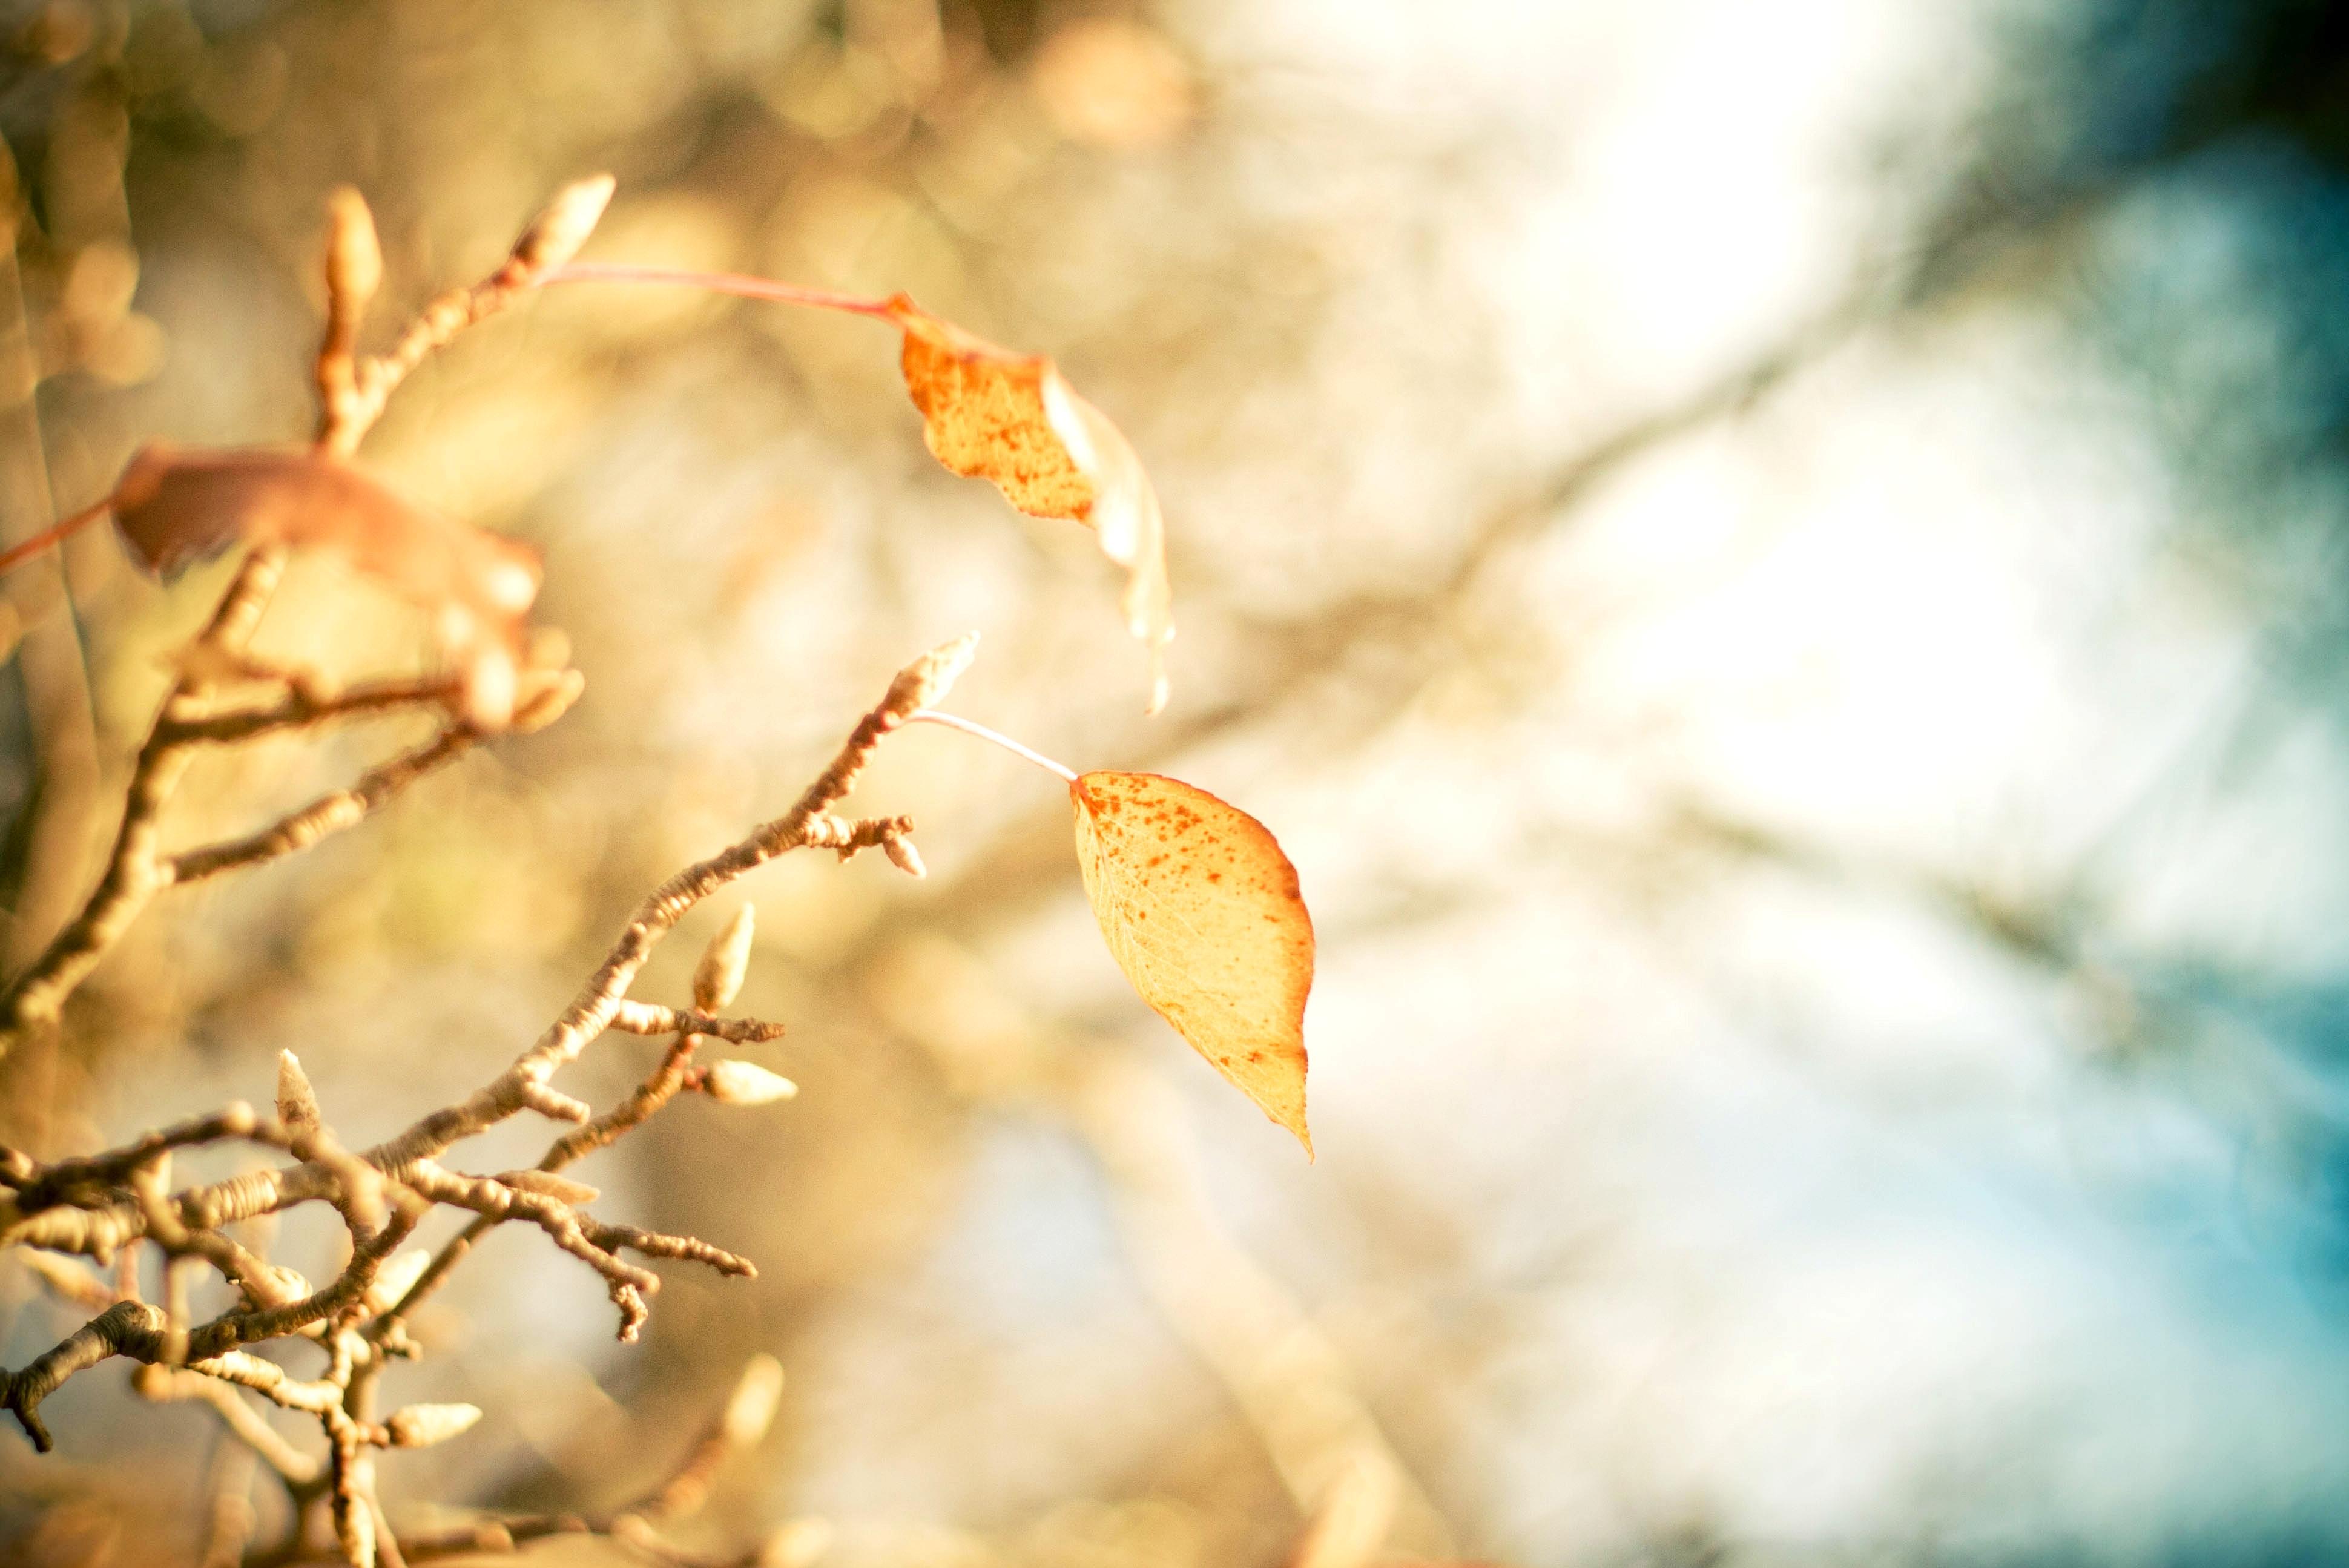 листья ветка фон  № 3219044 бесплатно